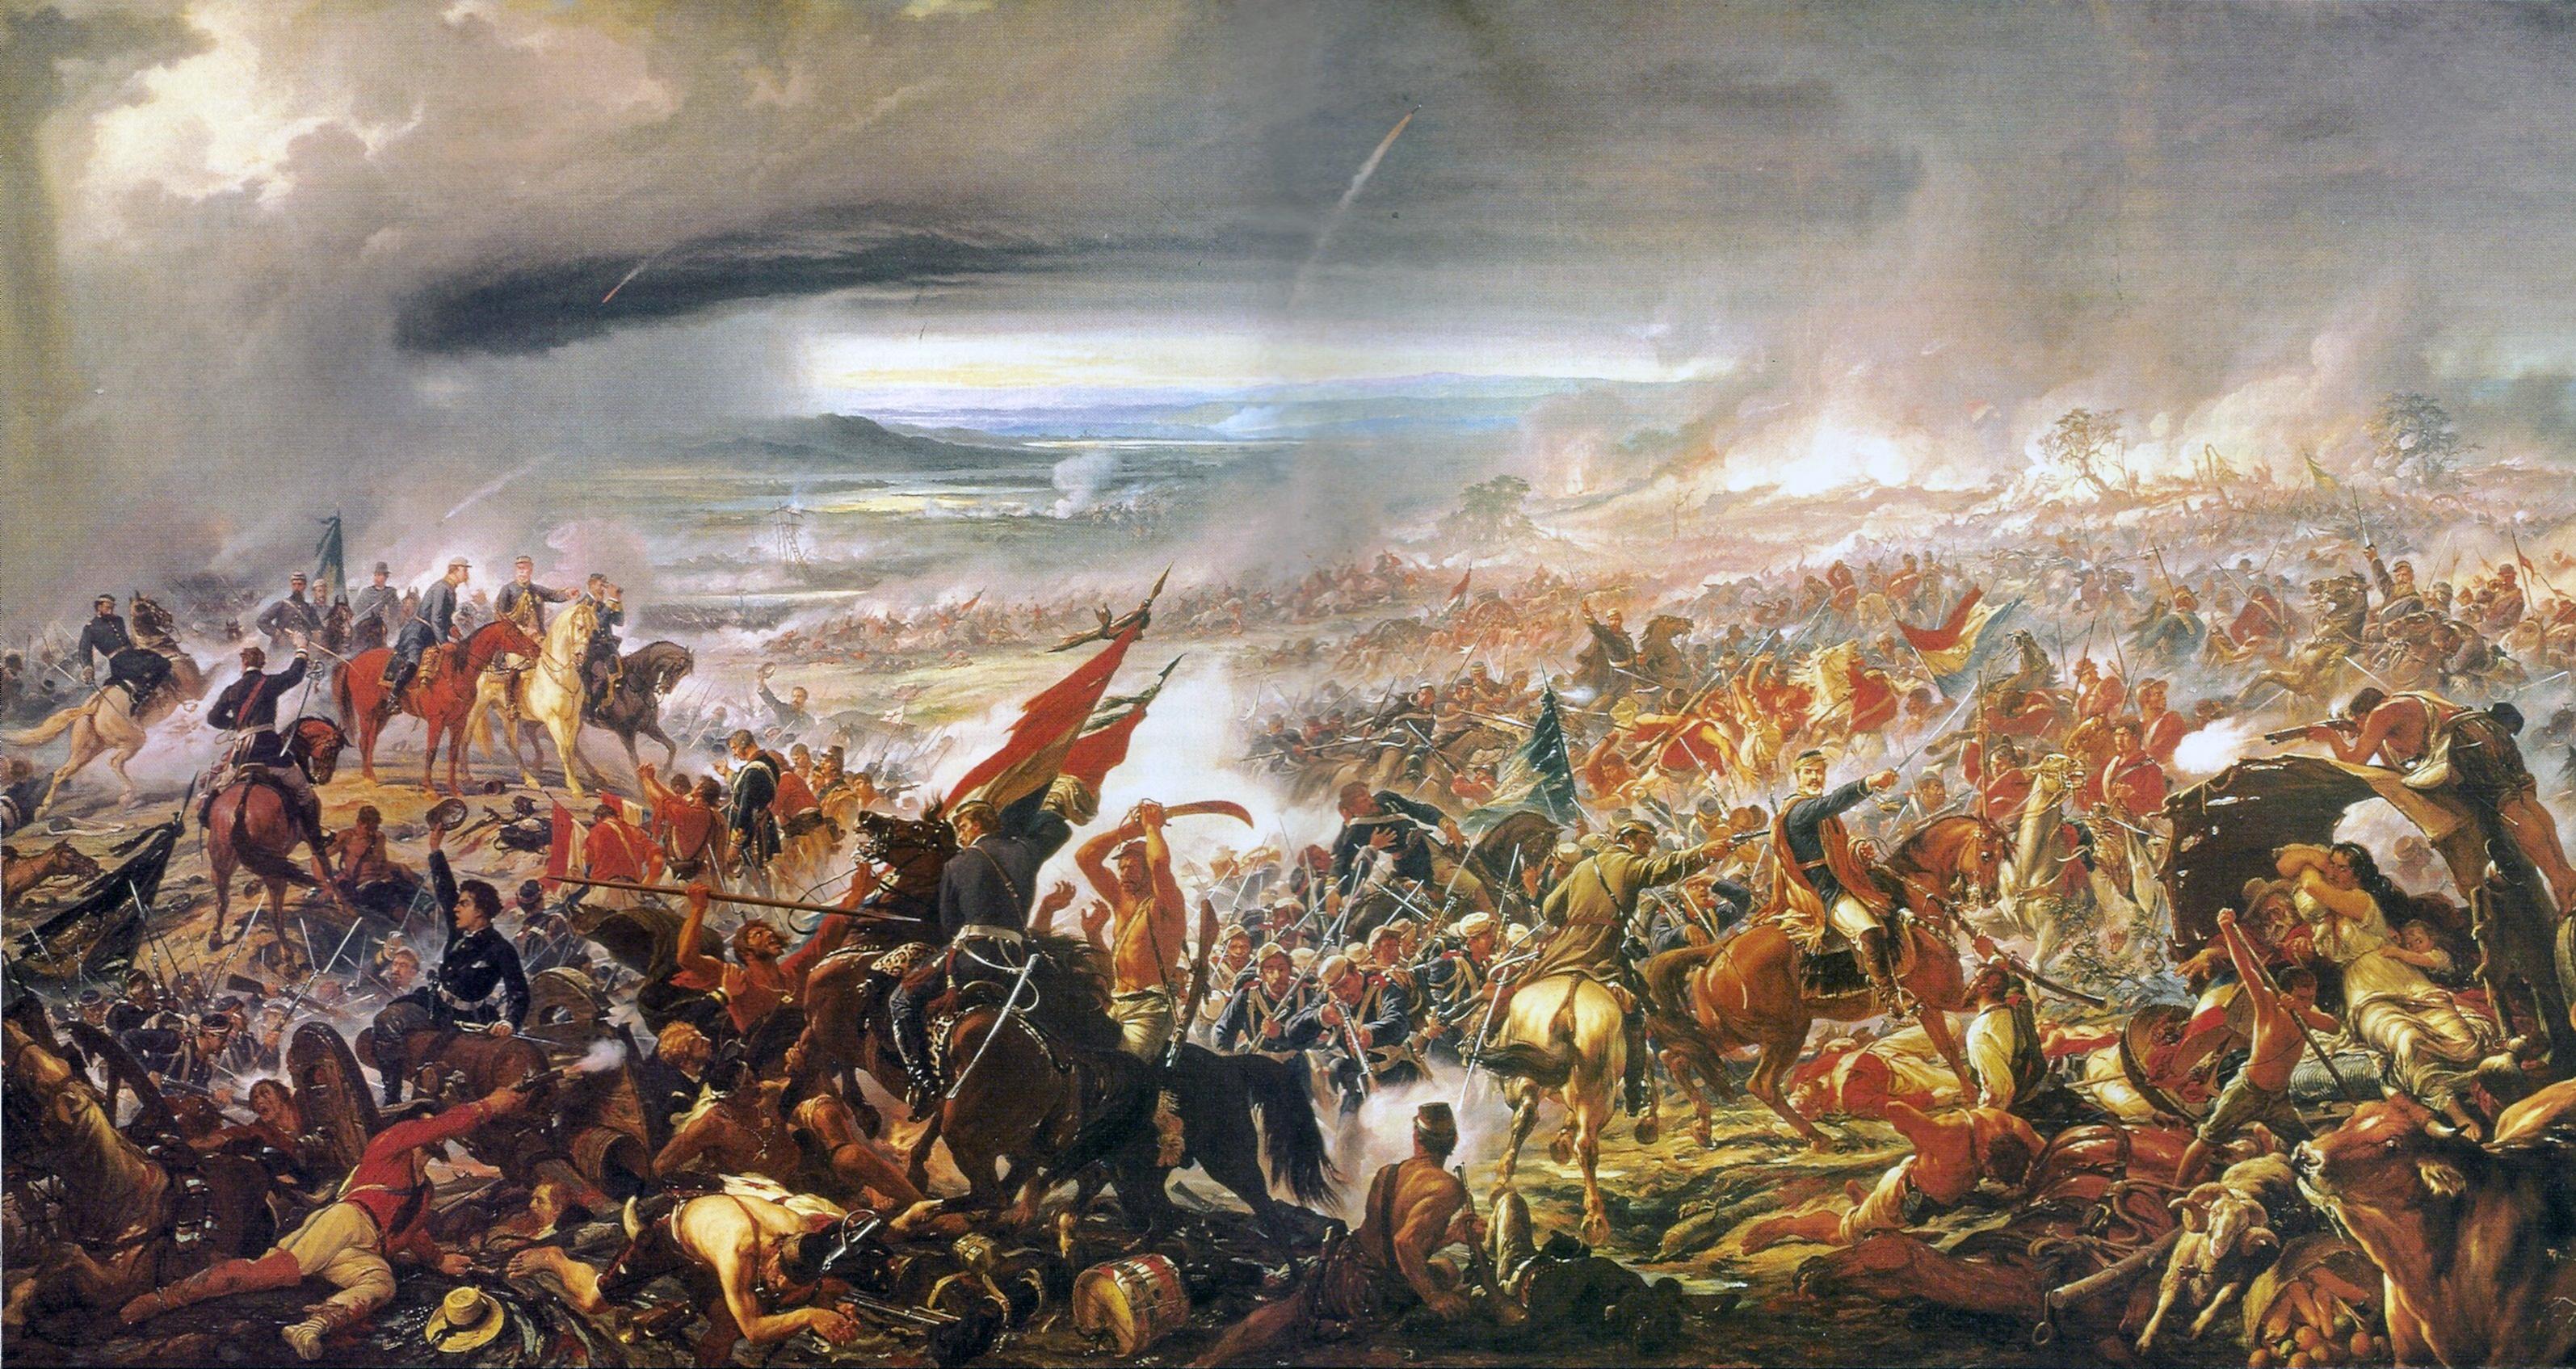 Batalha de Avaí, quadro de Pedro Américo no Museu Nacional de Belas Artes